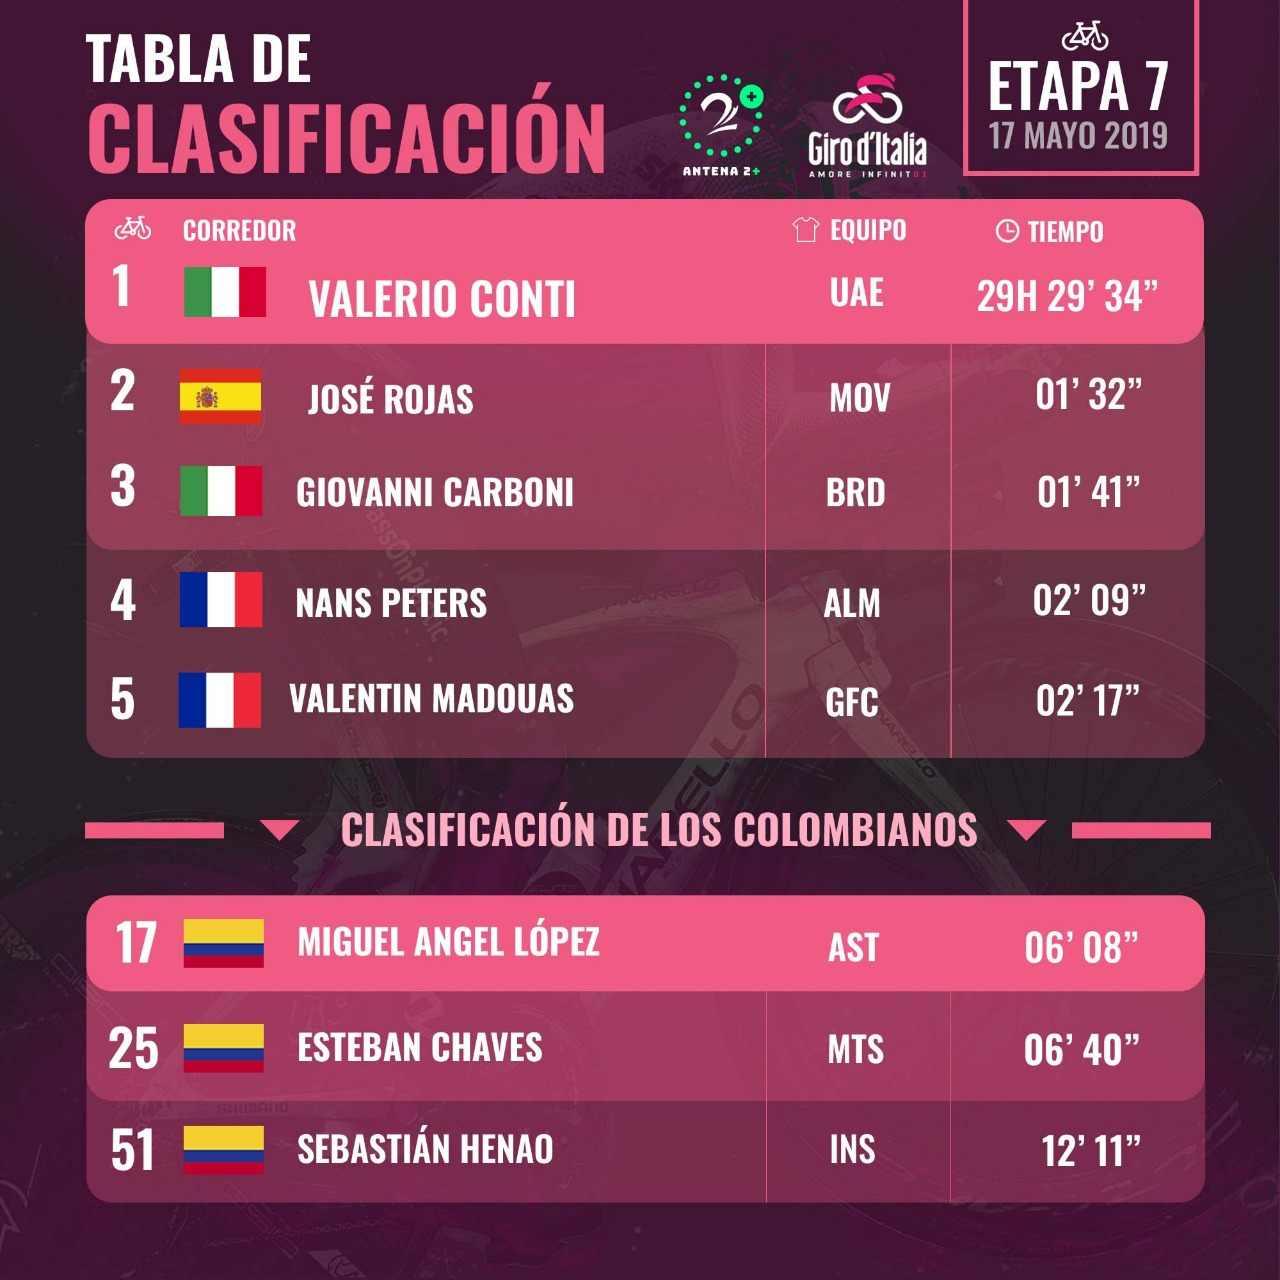 Giro de Italia, clasificación etapa 7